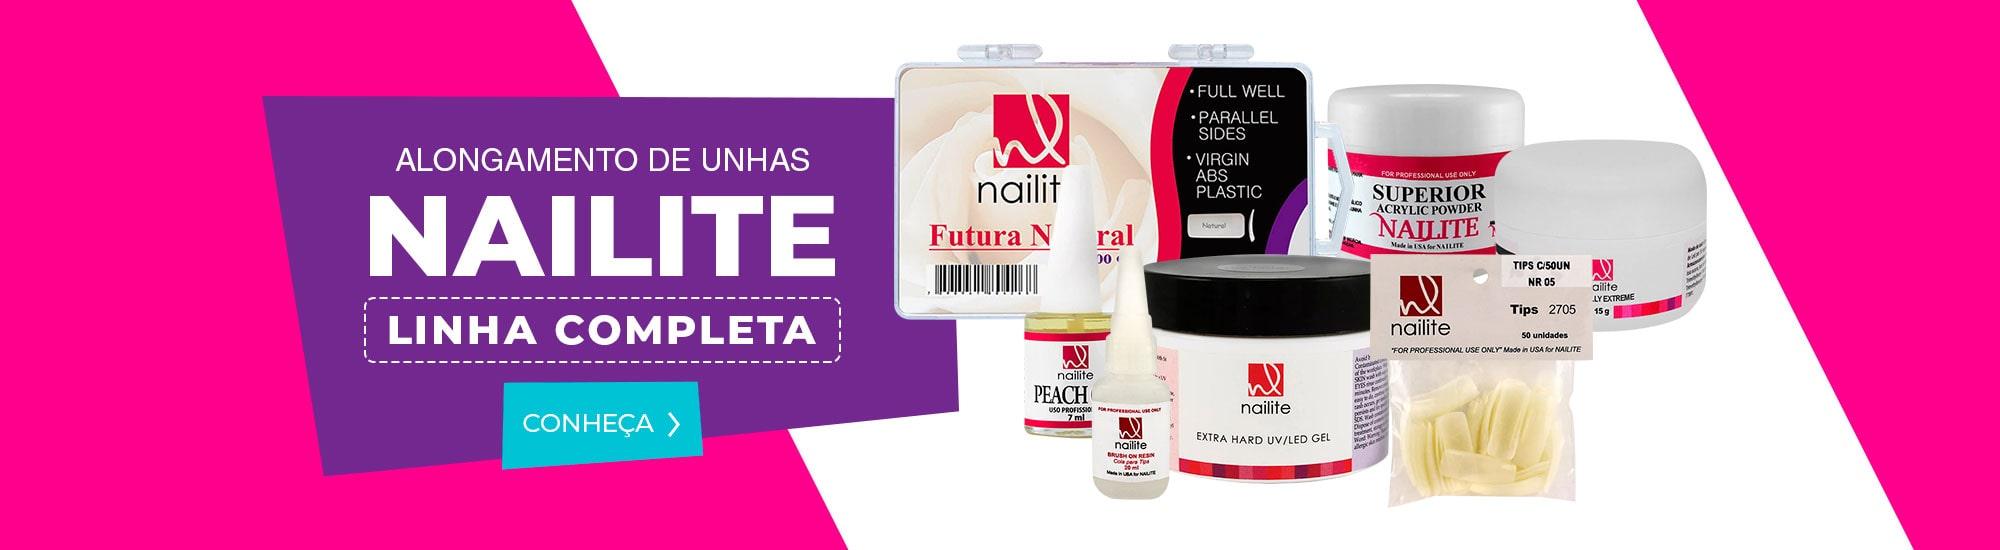 Produtos da marca Nailite com preços especiais